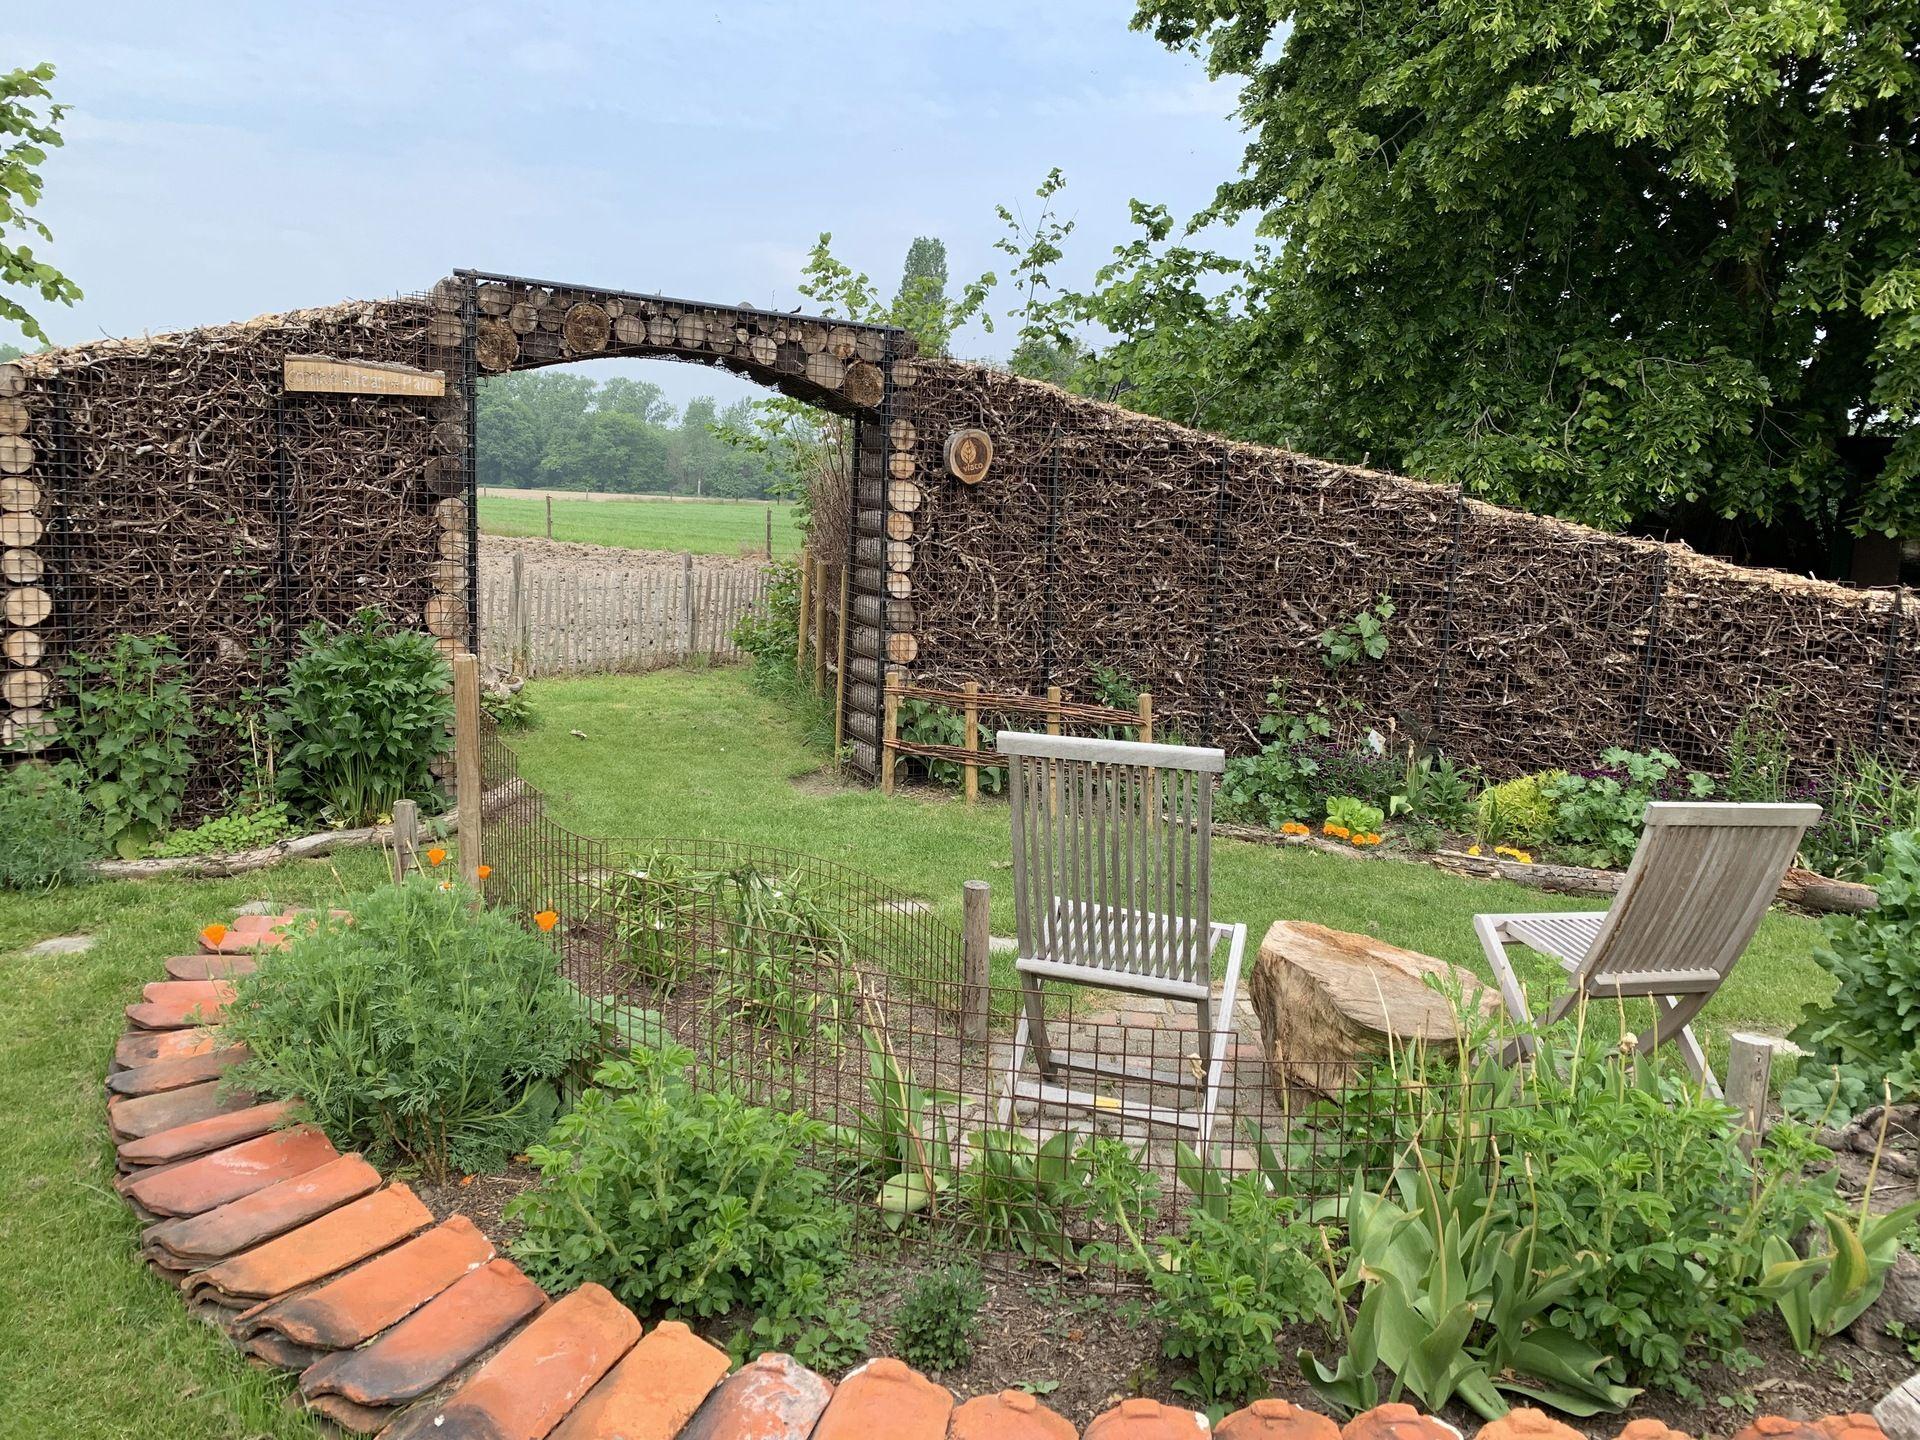 Comment Réaliser Un Aménagement Paysager Pour Votre Jardin concernant Comment Faire Son Jardin Paysager